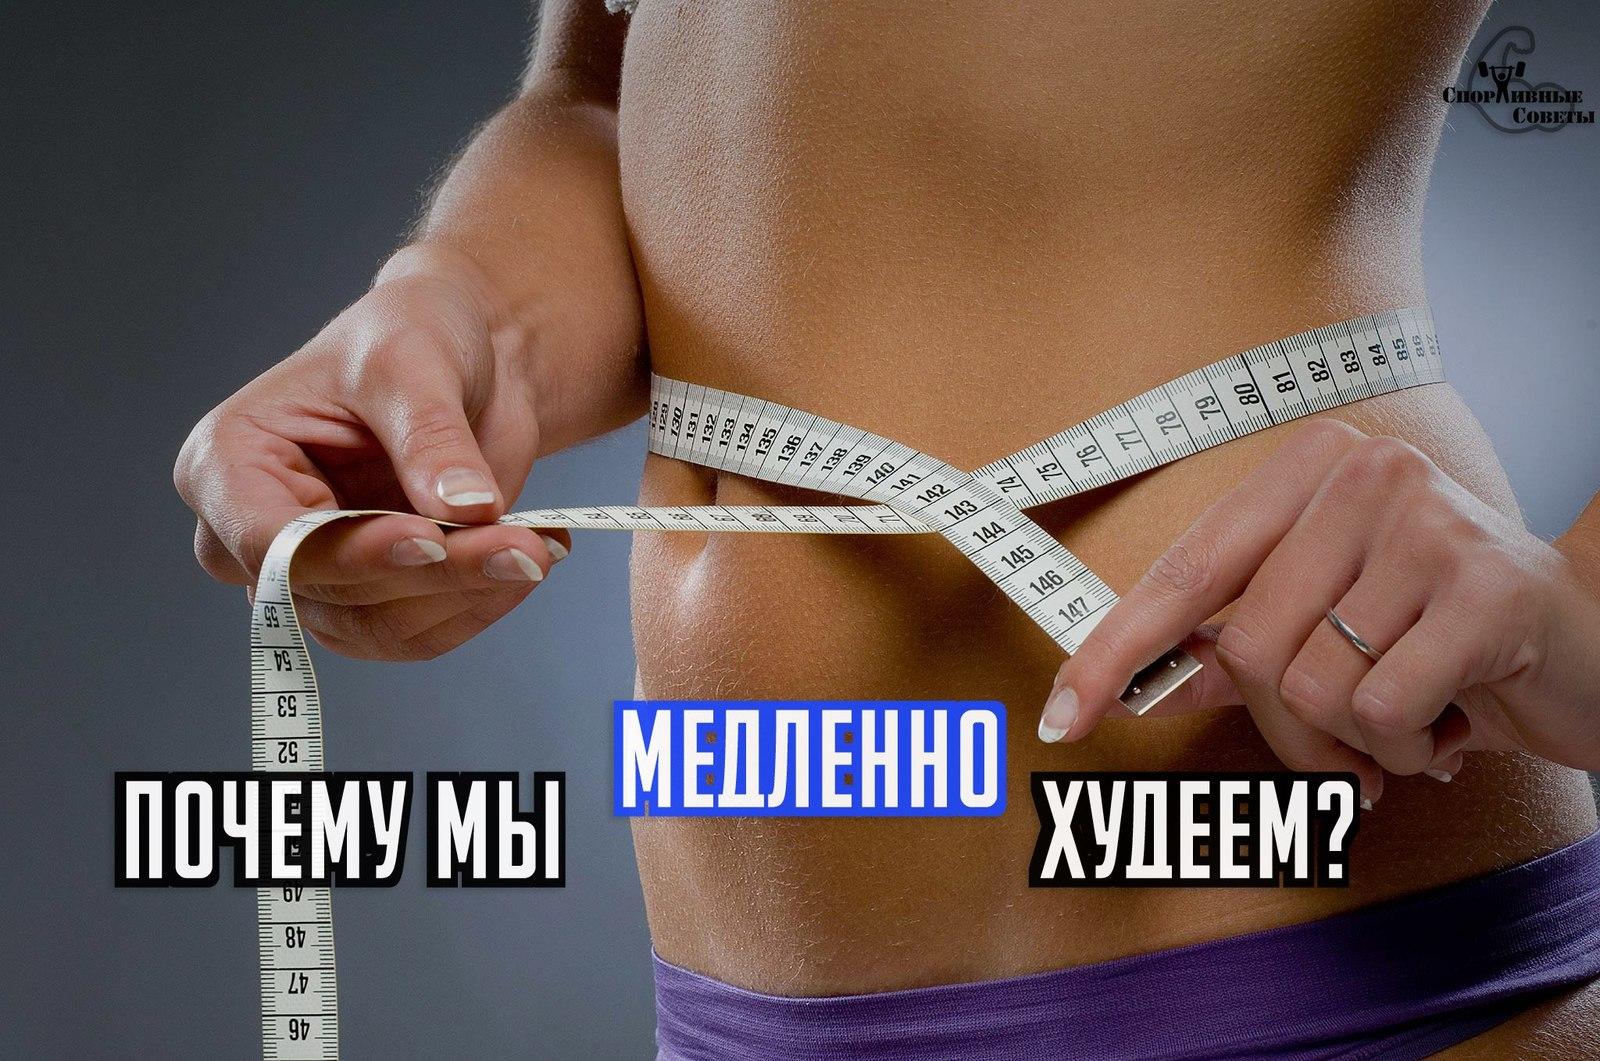 Уходит вес почему – Почему не уходит вес: стоит на месте, если занимаетесь спортом и считаете калории, при правильном питании, во время диеты